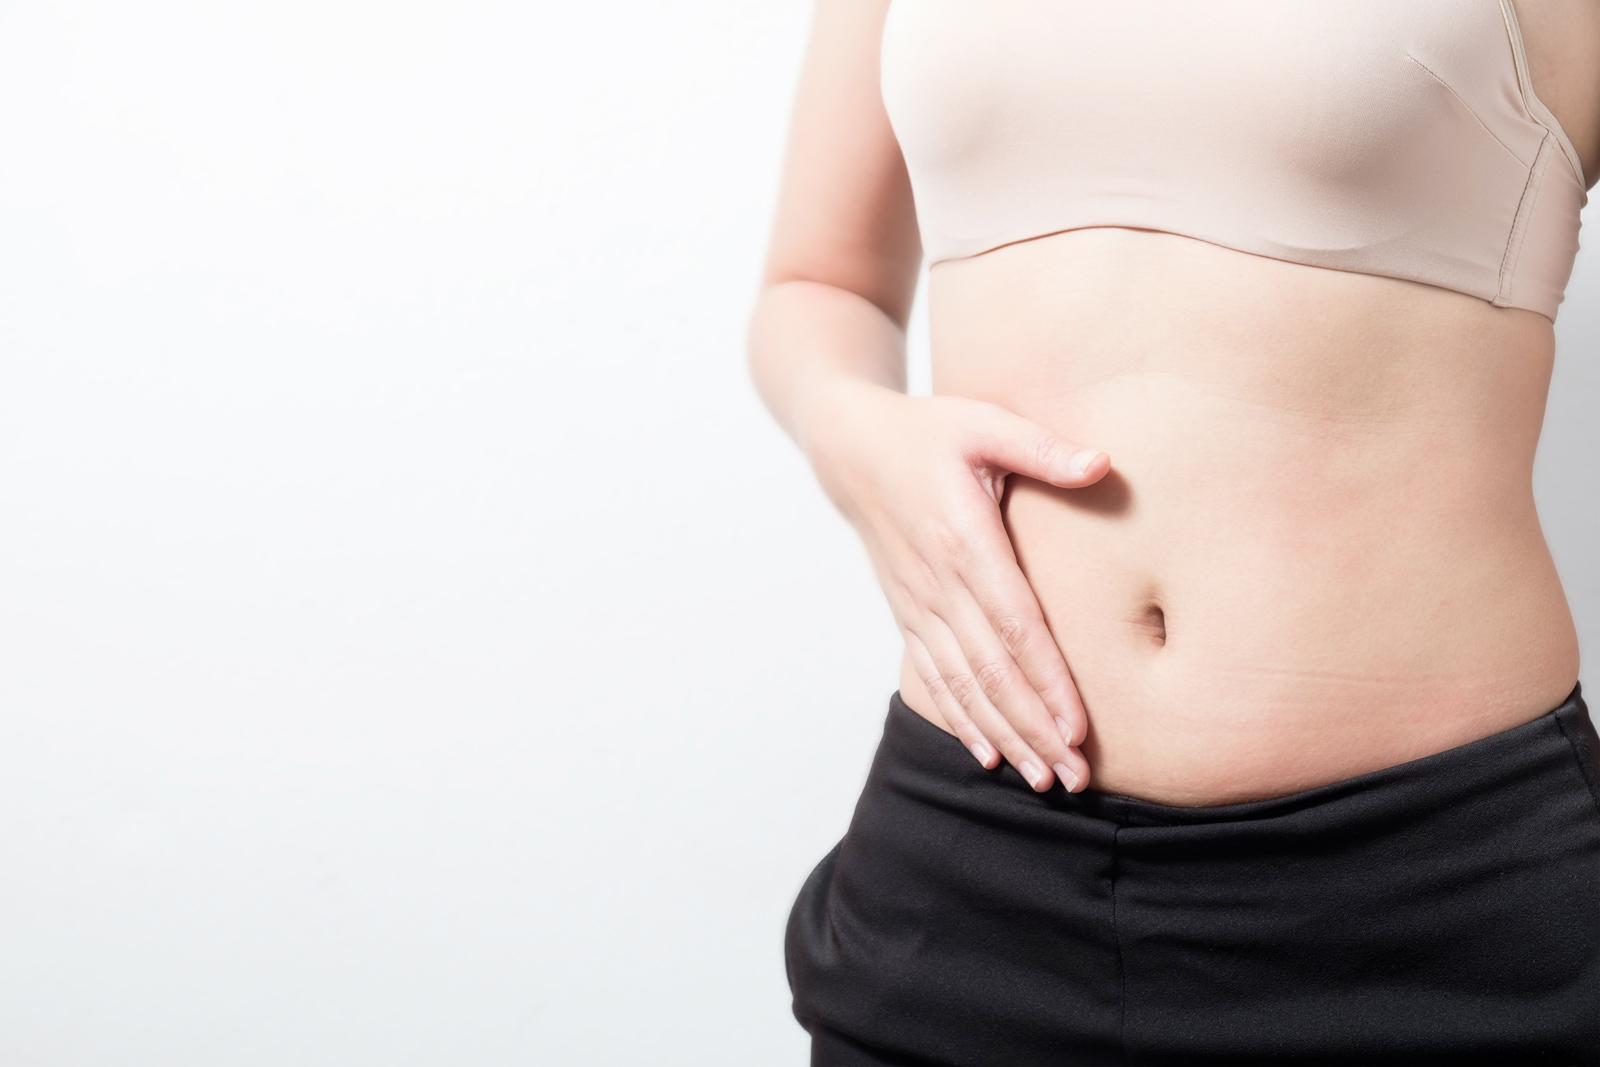 gastroscopia-roma-colonscopia-visita-gastroenterologo-endoscopia